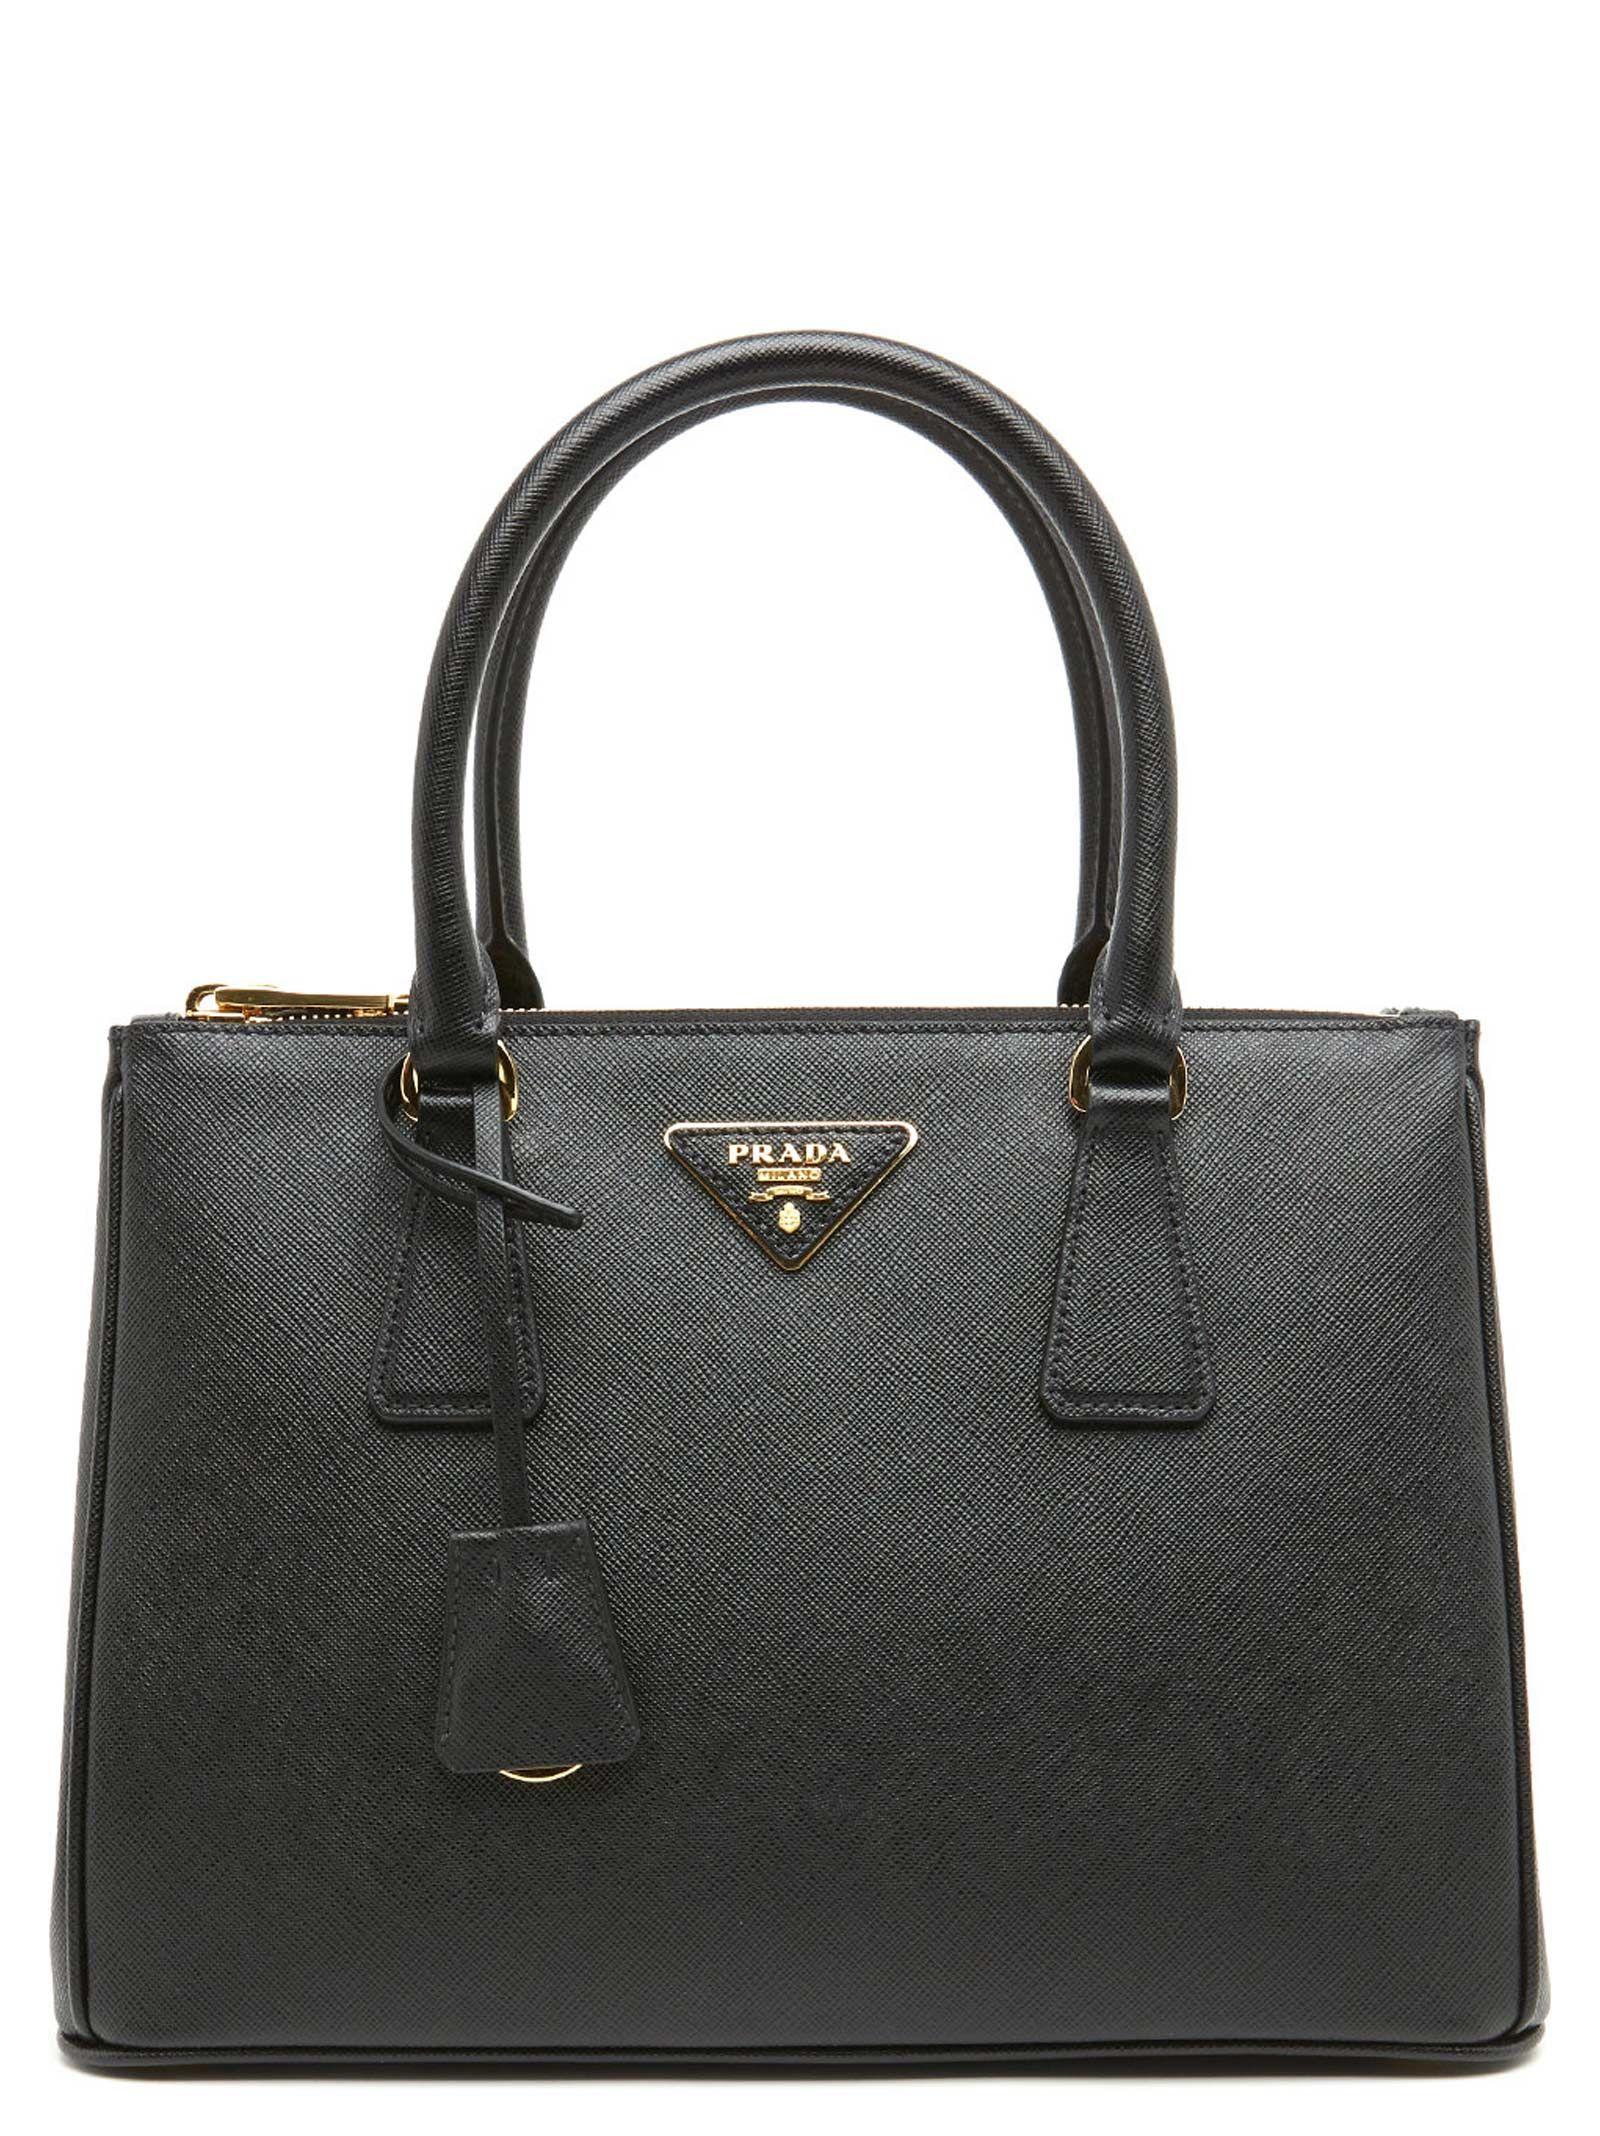 440eaf301444 ... norway prada galleria bag in black baefb 93615